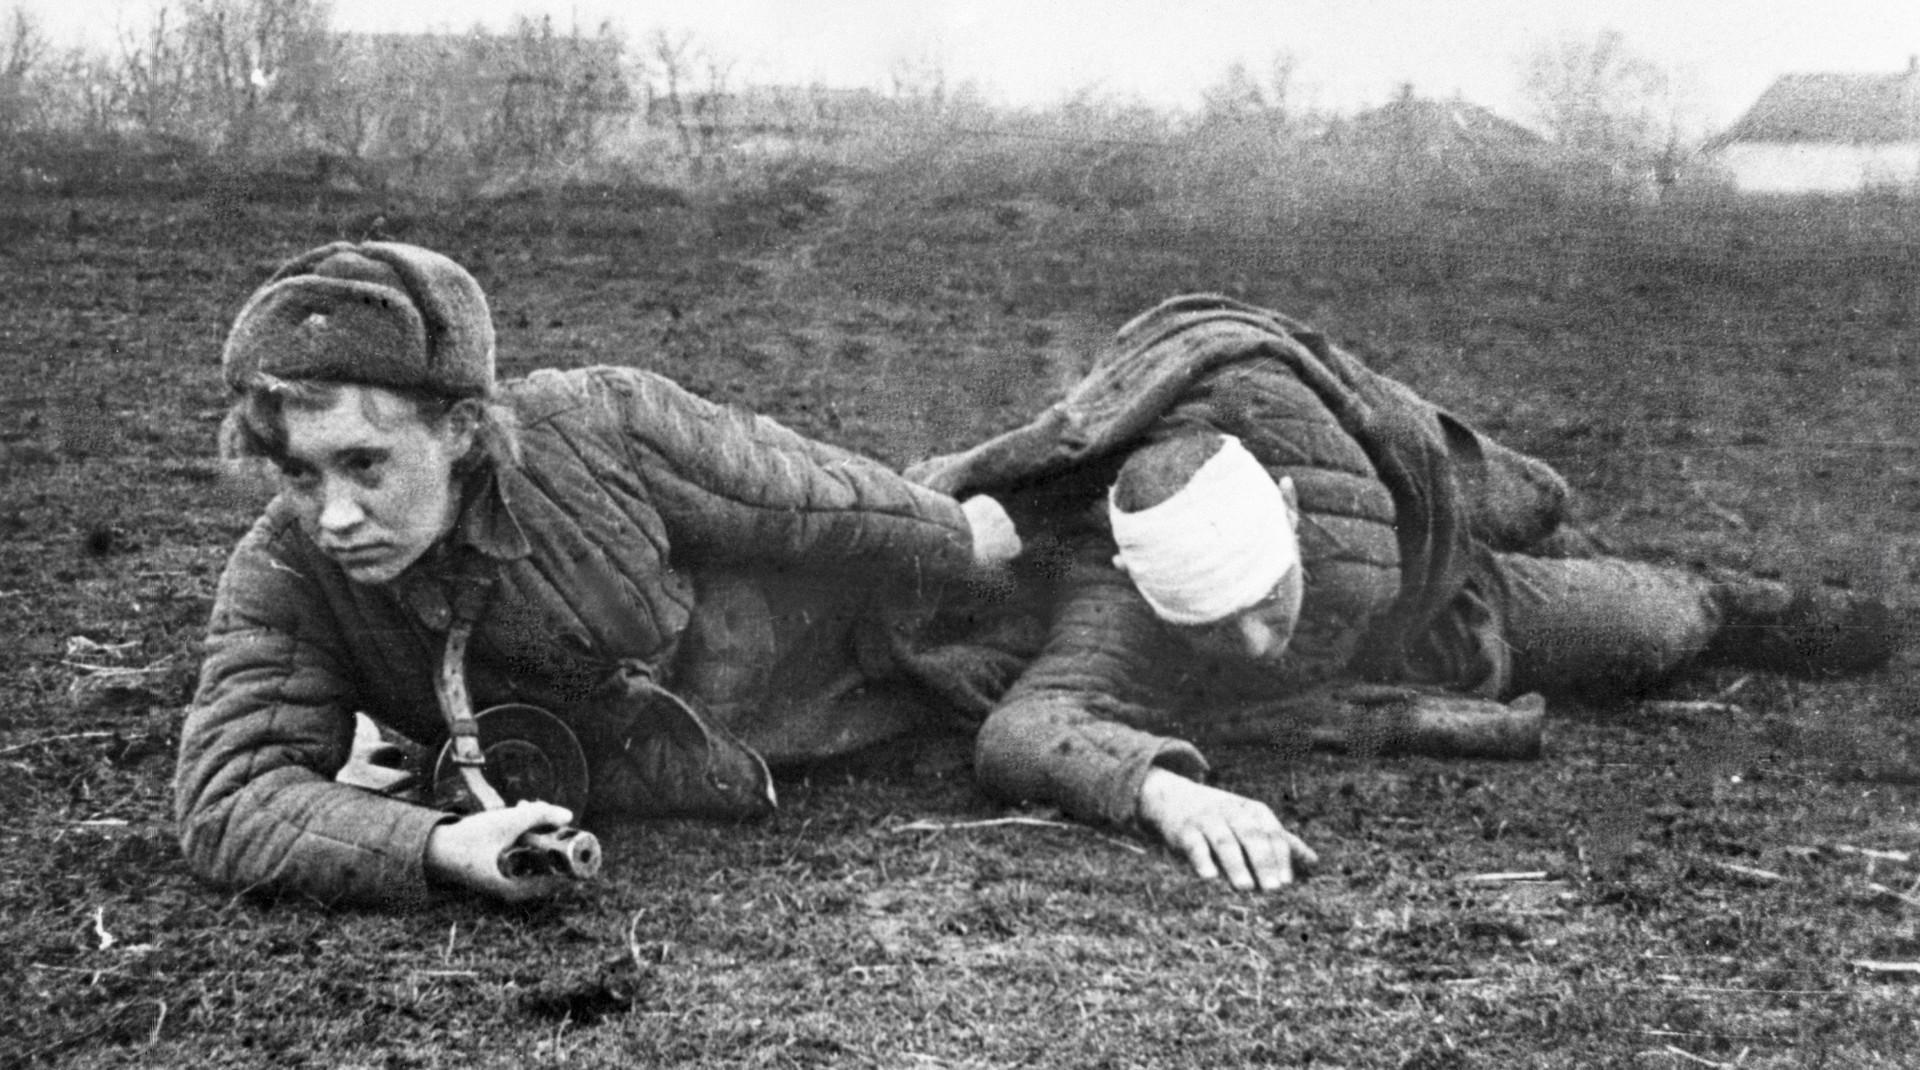 Zehntausende junge Frauen befanden sich als Sanitäterinnen an vorderster Frontlinie und zogen unter starkem Beschuss Verwundete in sicheres Hinterland. Diese wogen oft viel mehr als sie selbst.